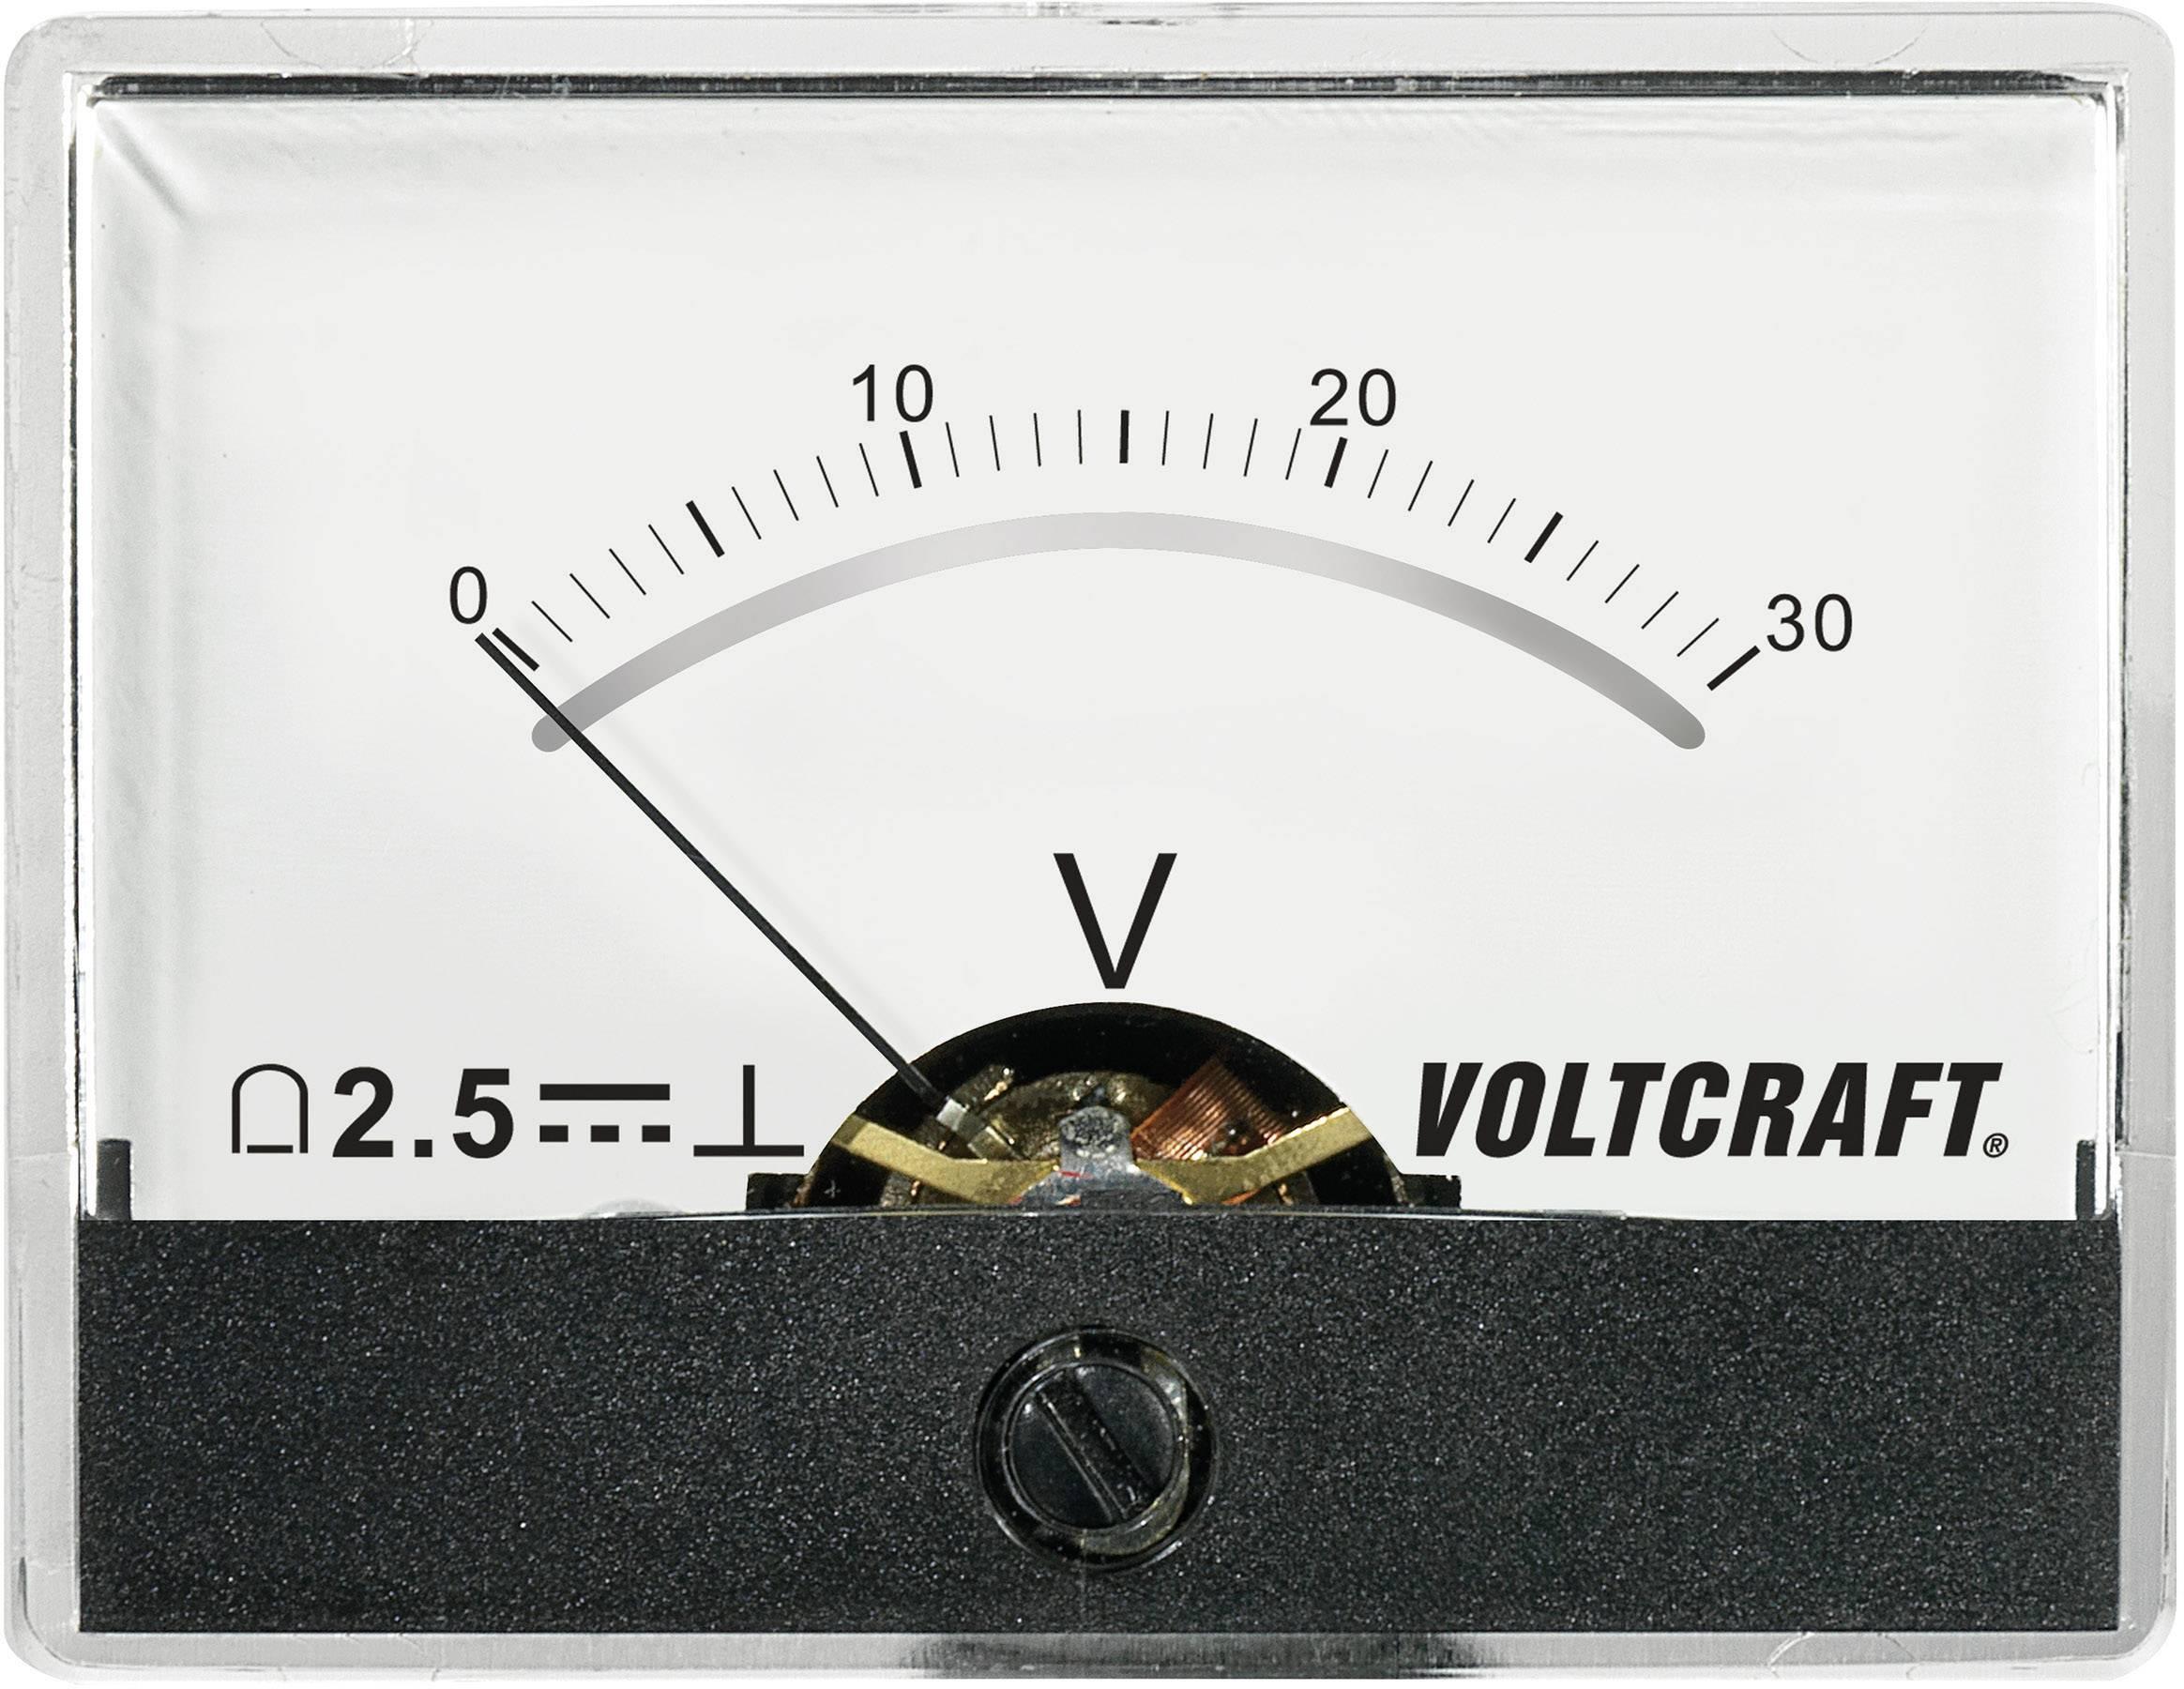 VOLTCRAFT AM-60X46/30V/DC Ugrađeni mjerni uređaj AM-60x46  30 V pomični svitak